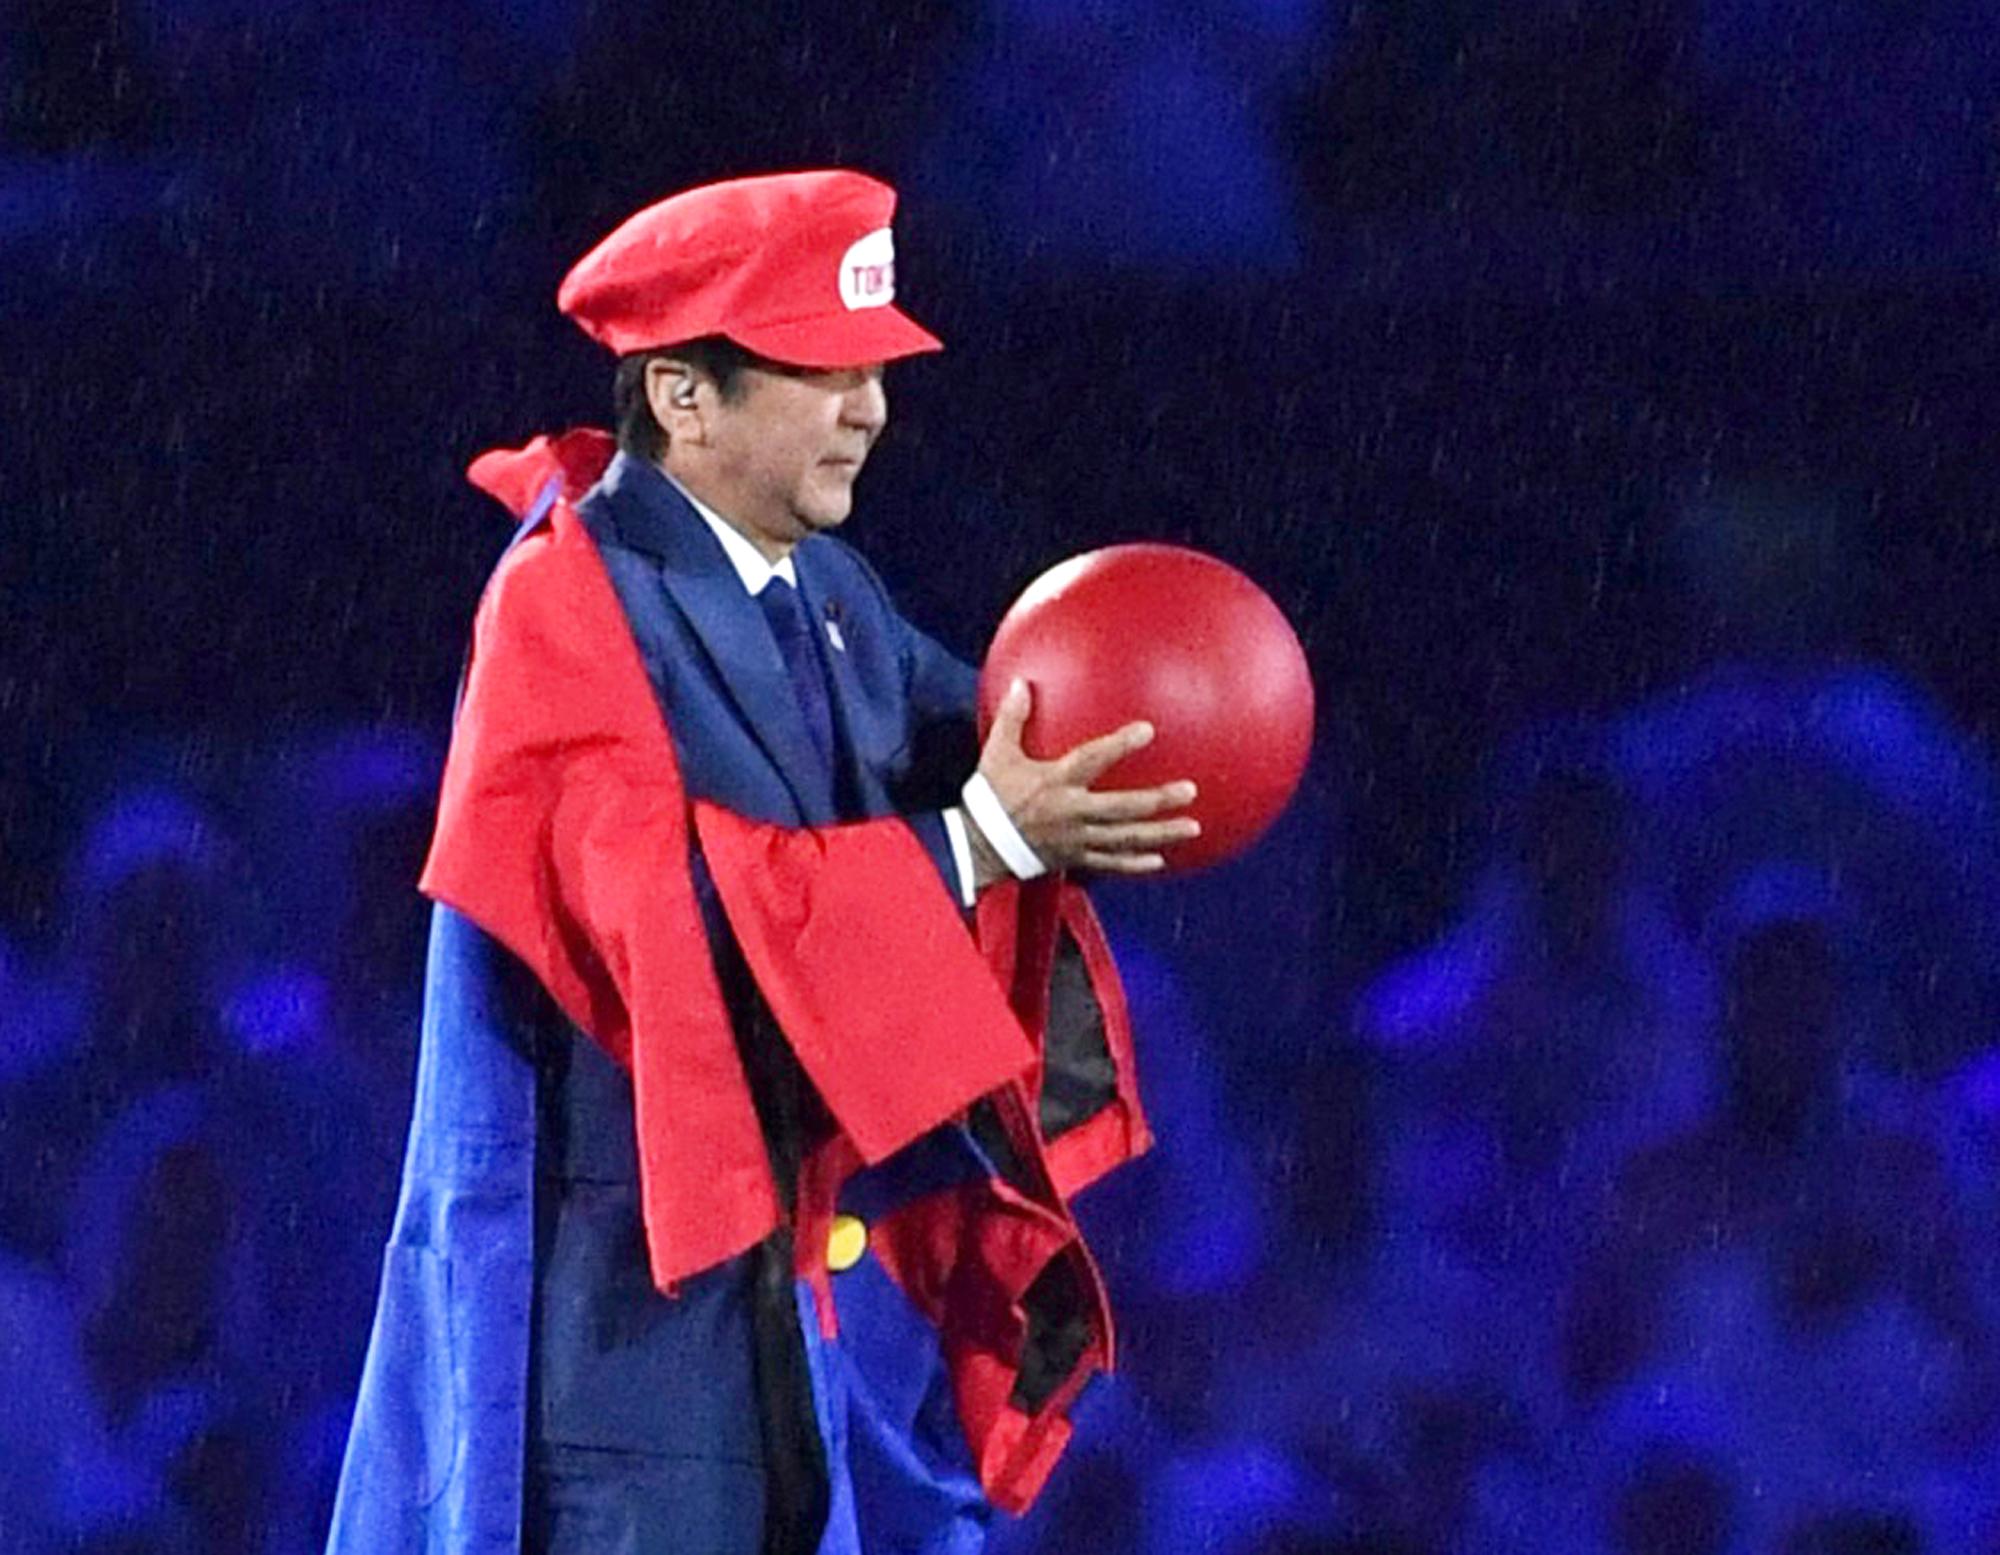 Japans Premierminister Shinzo Abe hatte während der olympischen Sommer-Spiele 2016 in Brasilien einen Auftritt – verkleidet als Super Mario. Es kann heiter werden an den Spielen in Japan 2020.